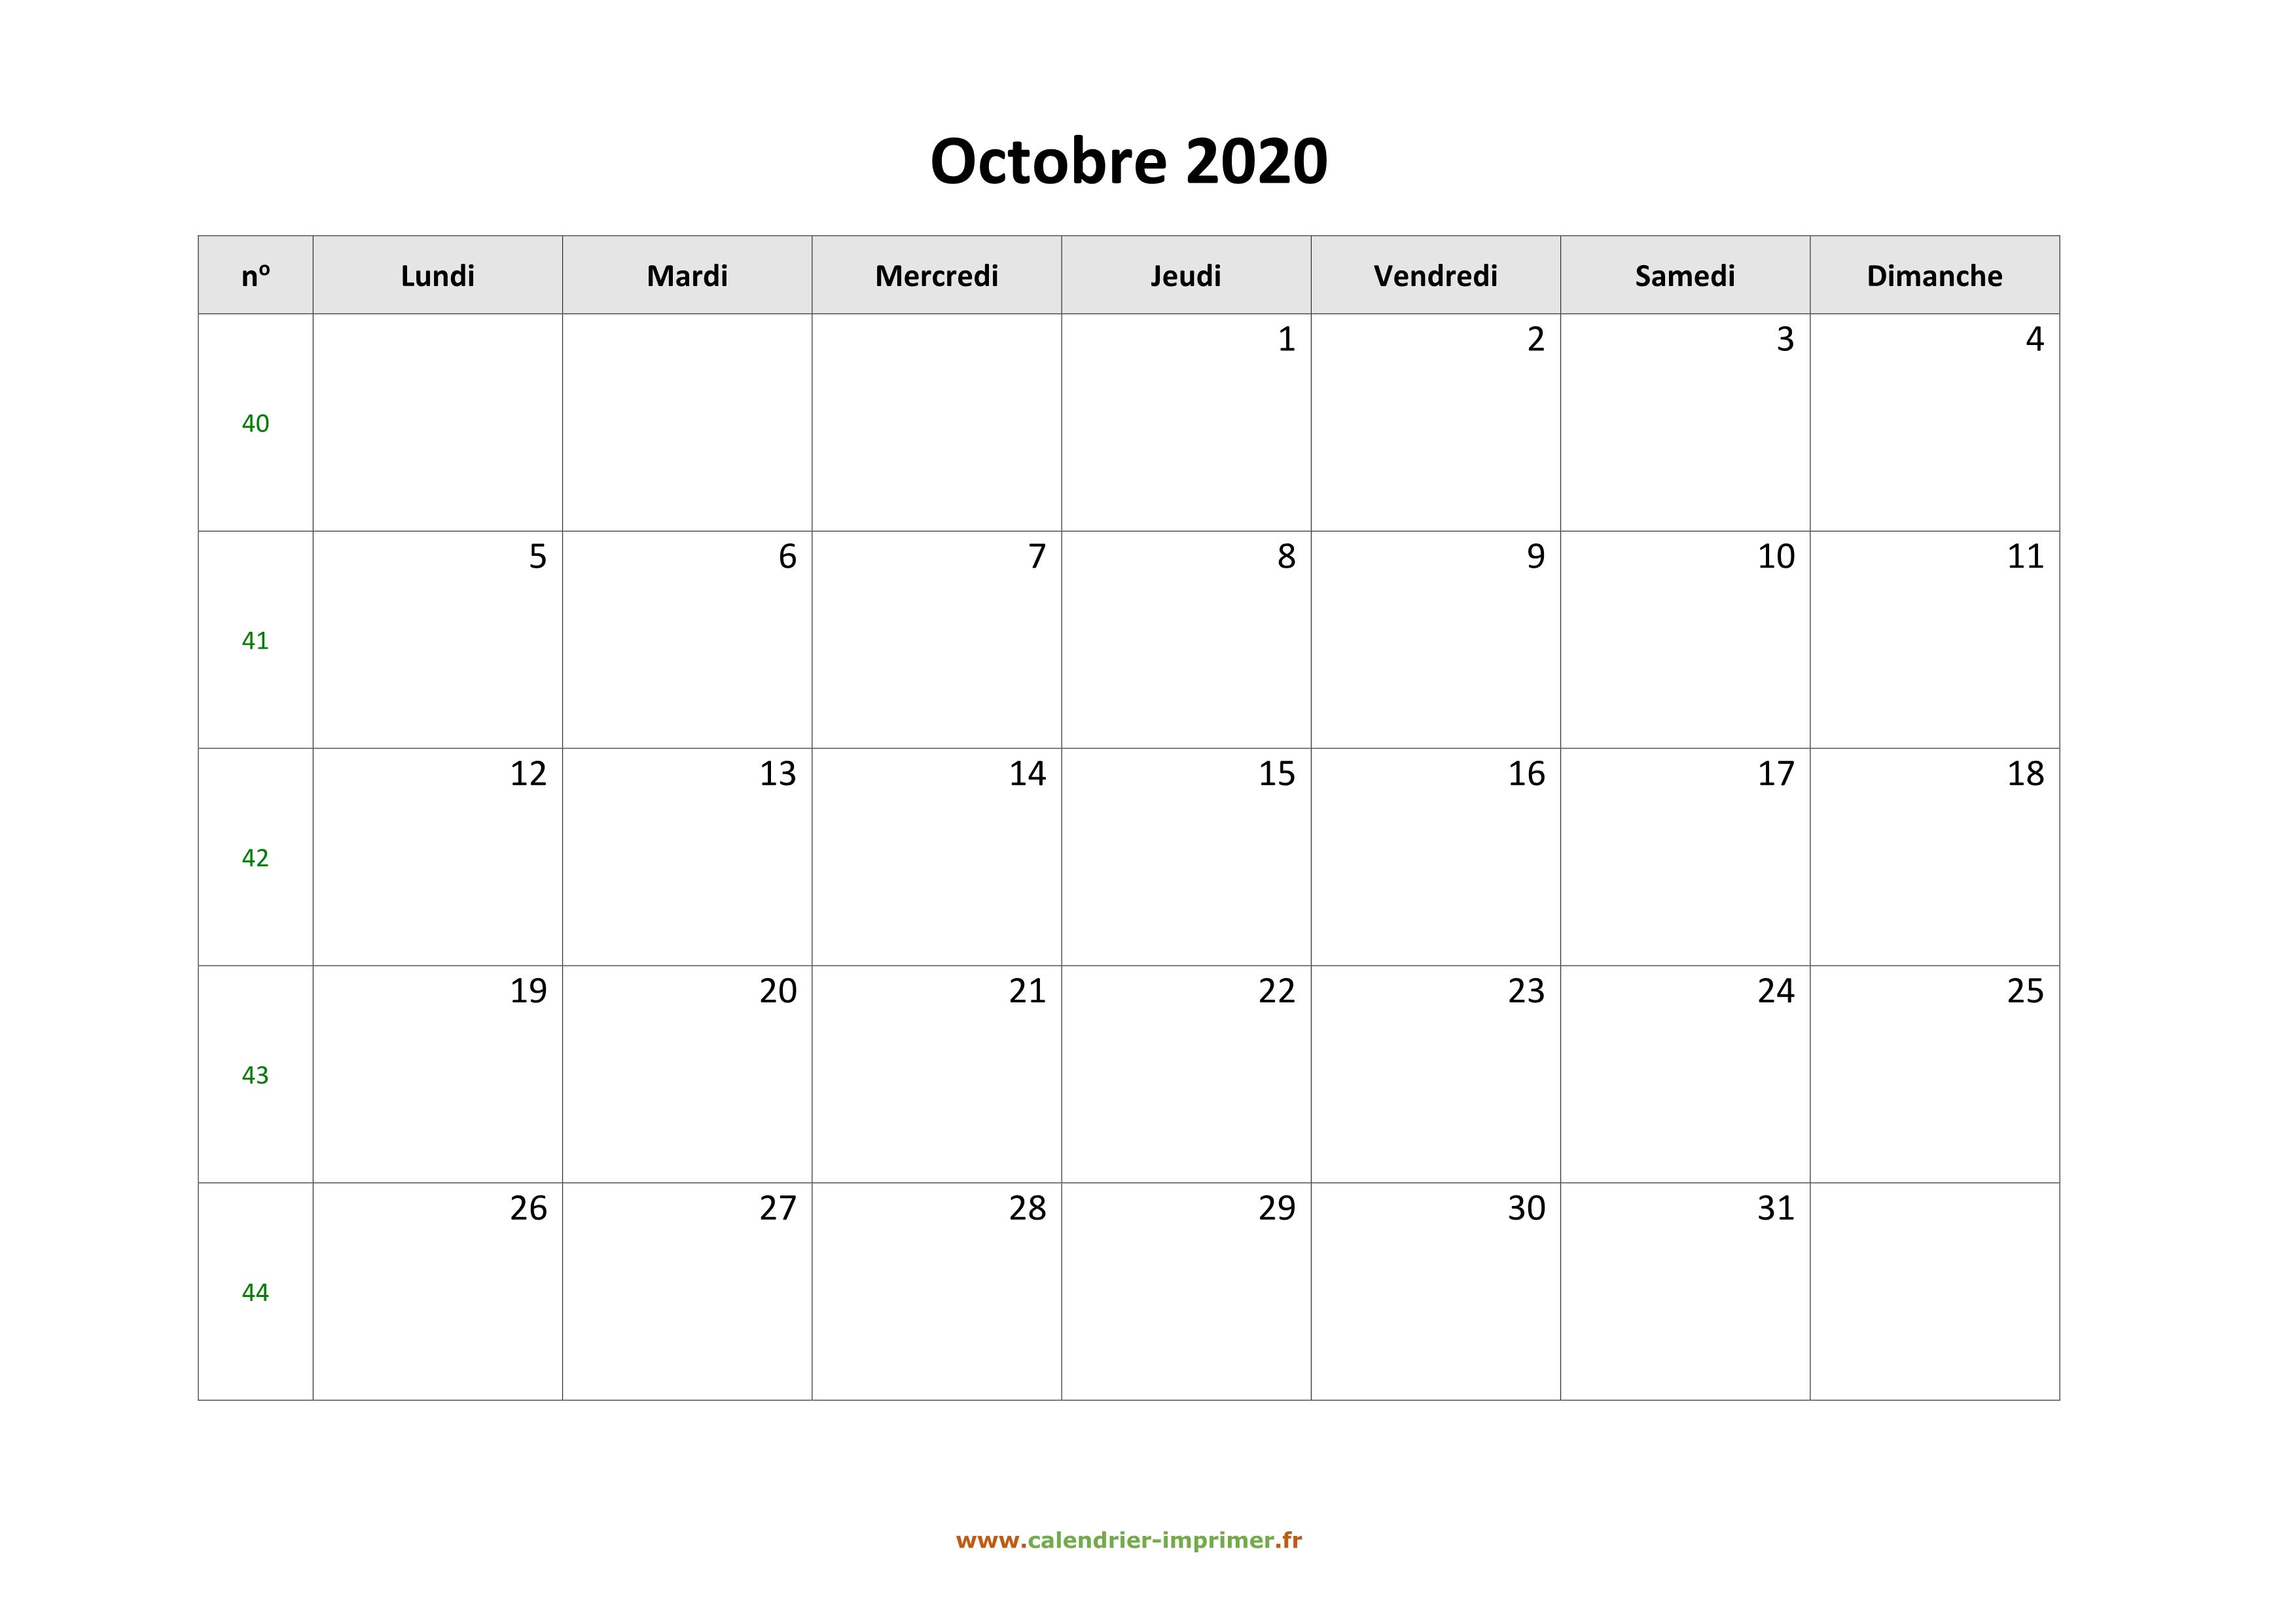 Calendrier Octobre 2020.Calendrier Octobre 2020 A Imprimer